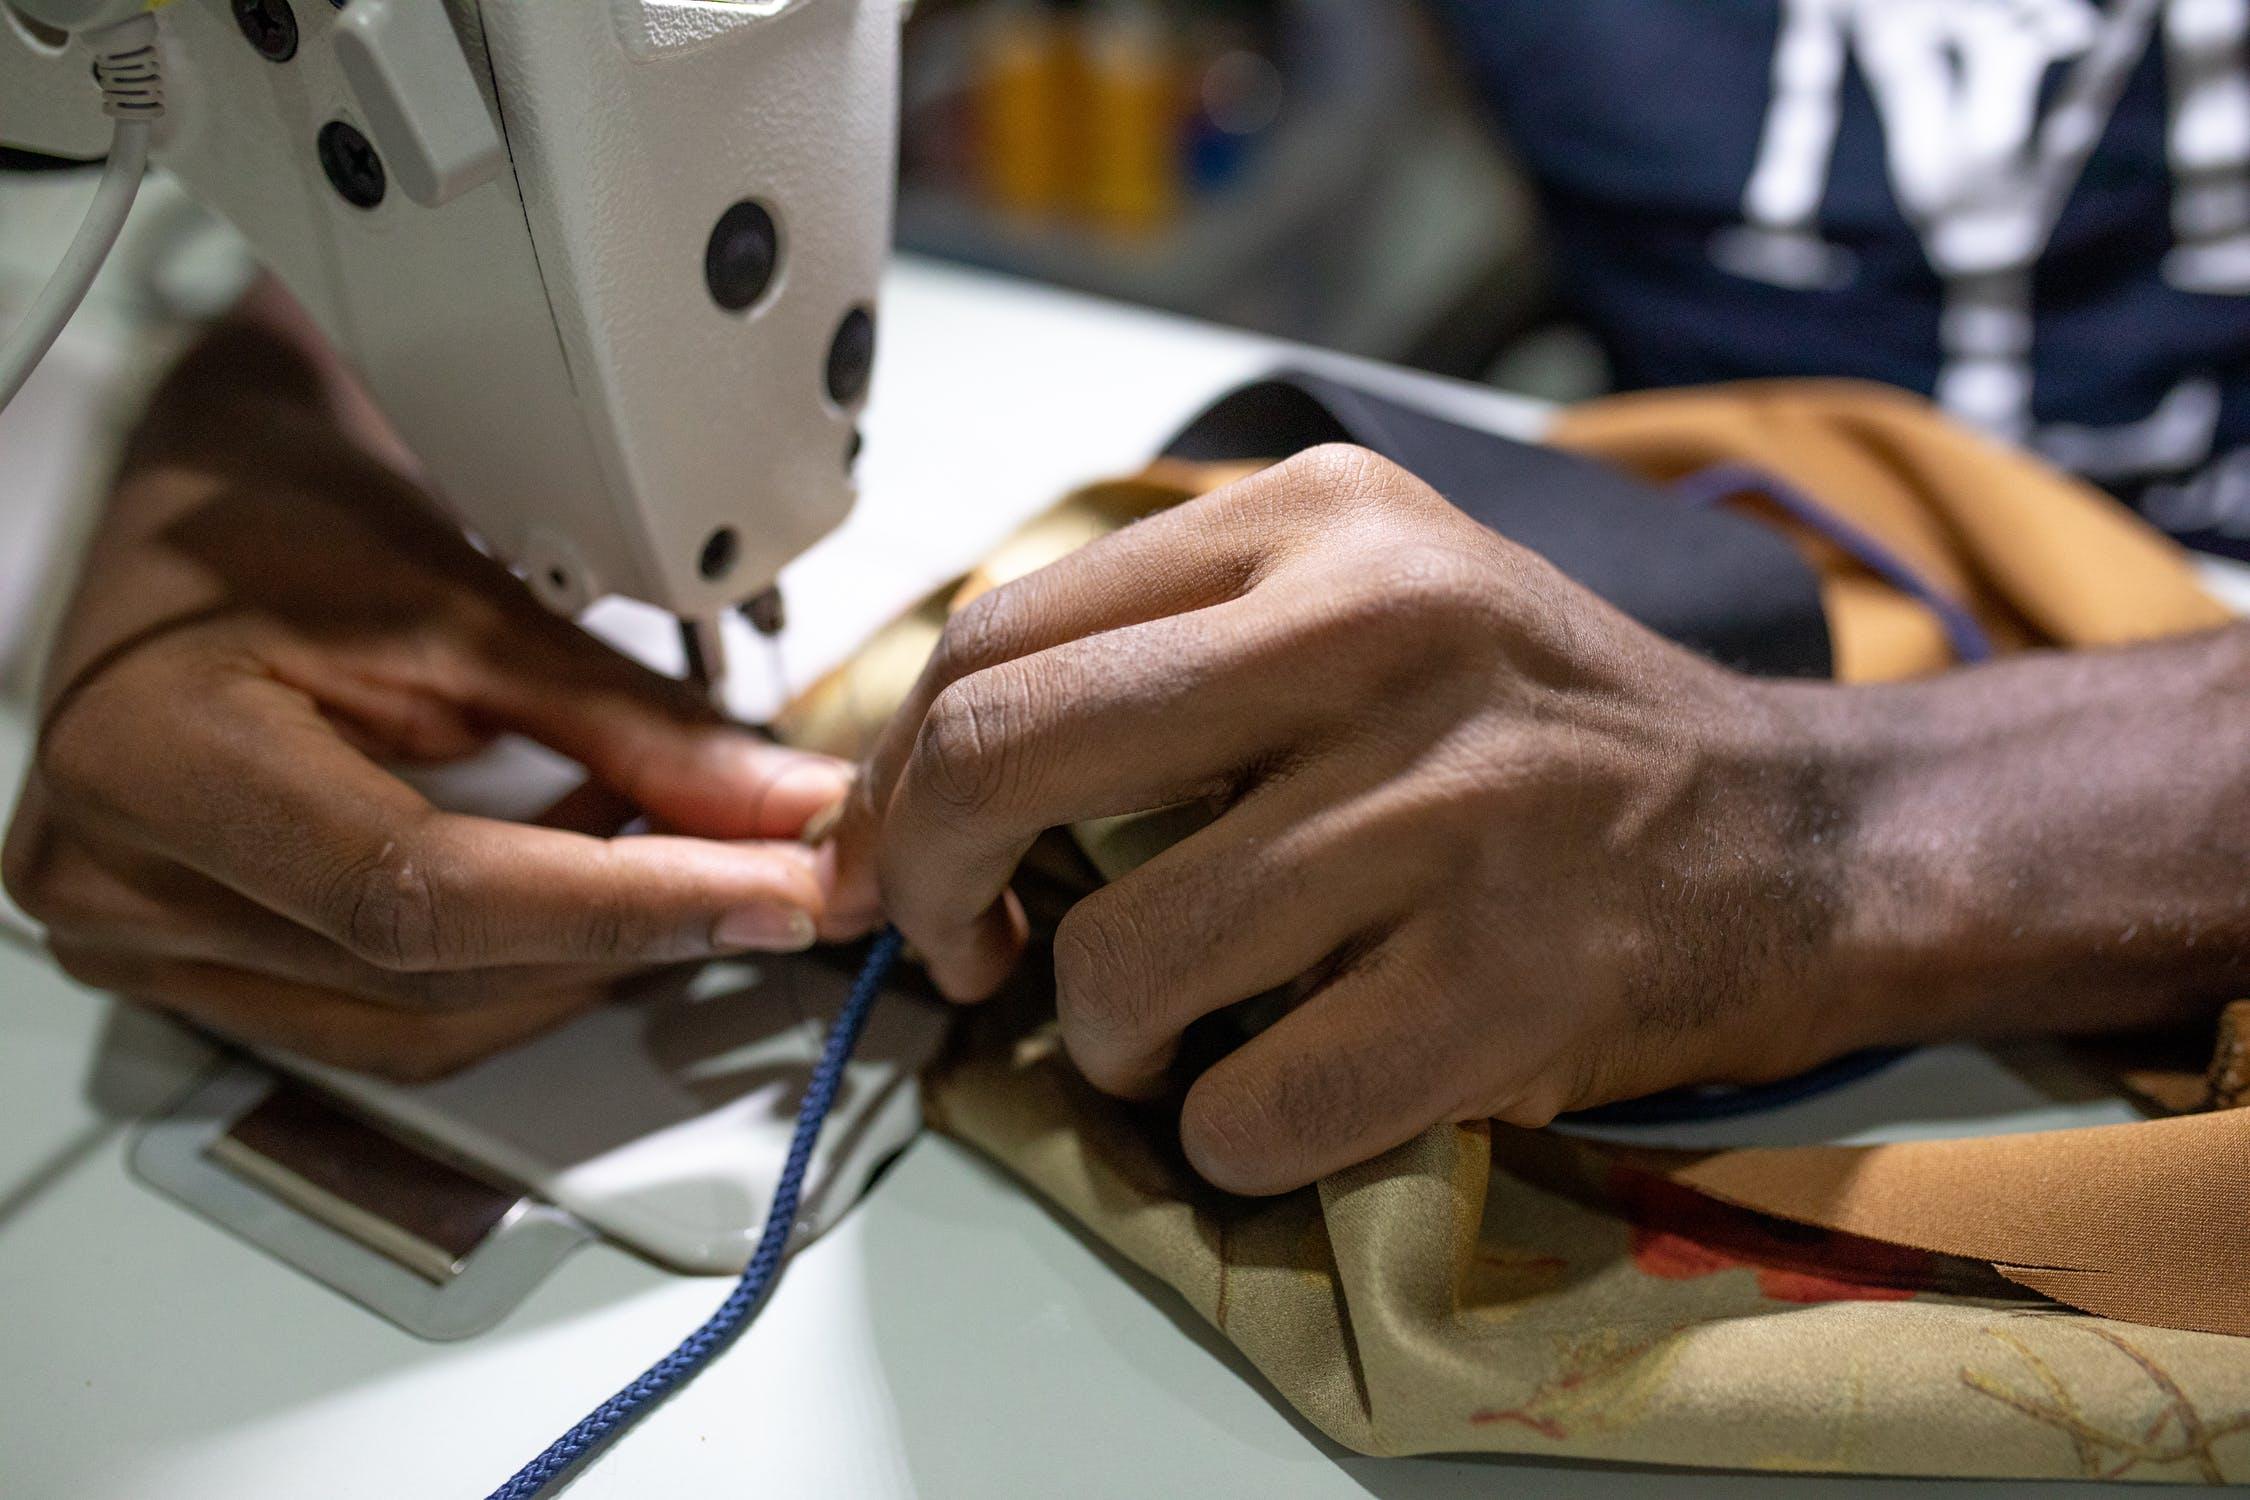 时尚产业链上的疫情重灾区:全球服装加工厂和供应商损失了高达162亿美元的订单